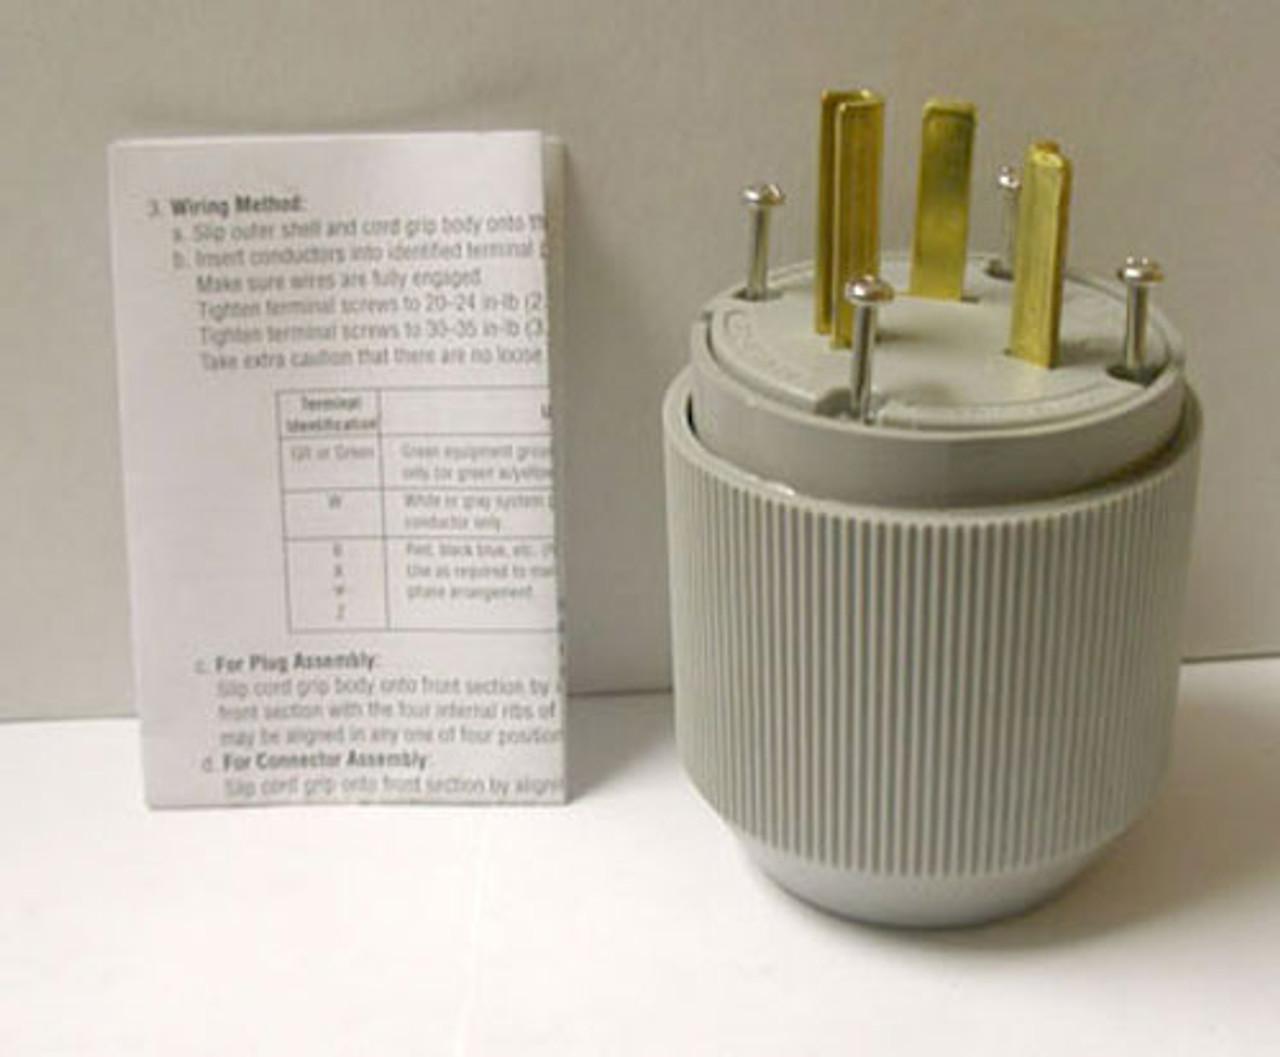 Cooper 5703N 30A 277V Nema 7-30 Autogrip Plug - New